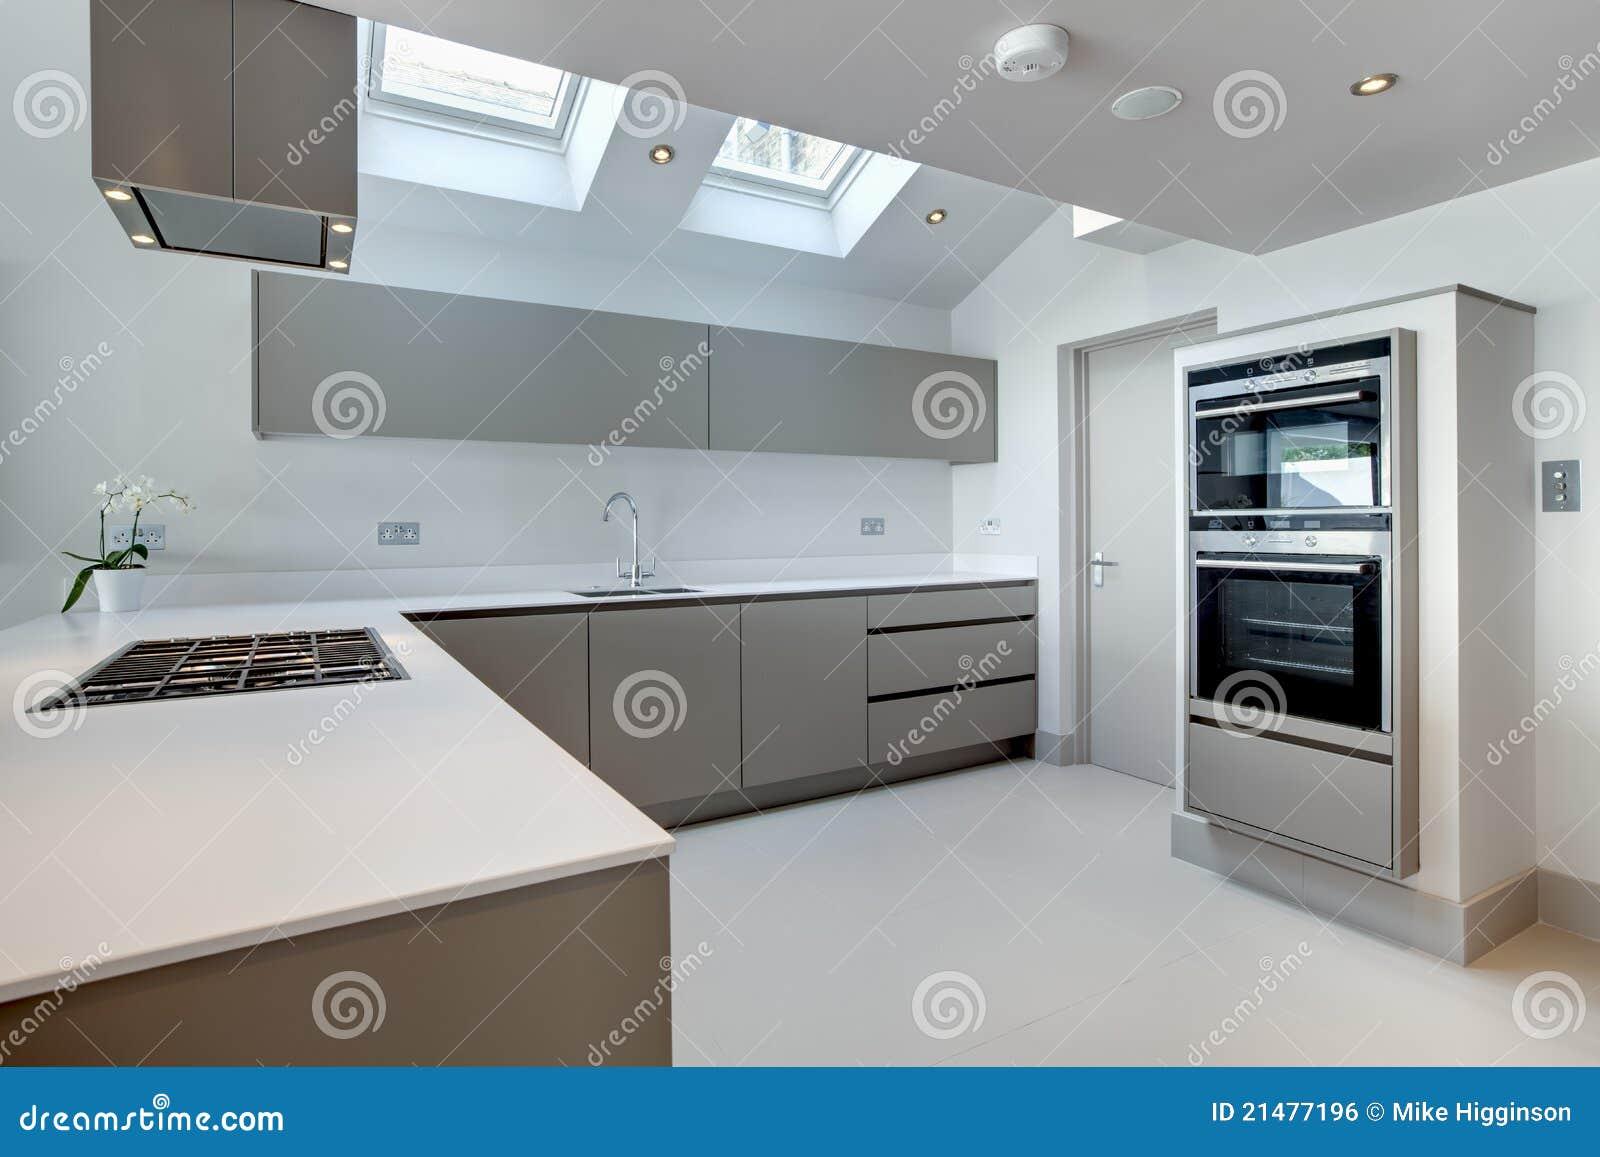 Cozinha Moderna Contempor Nea Foto De Stock Imagem De Contemporary